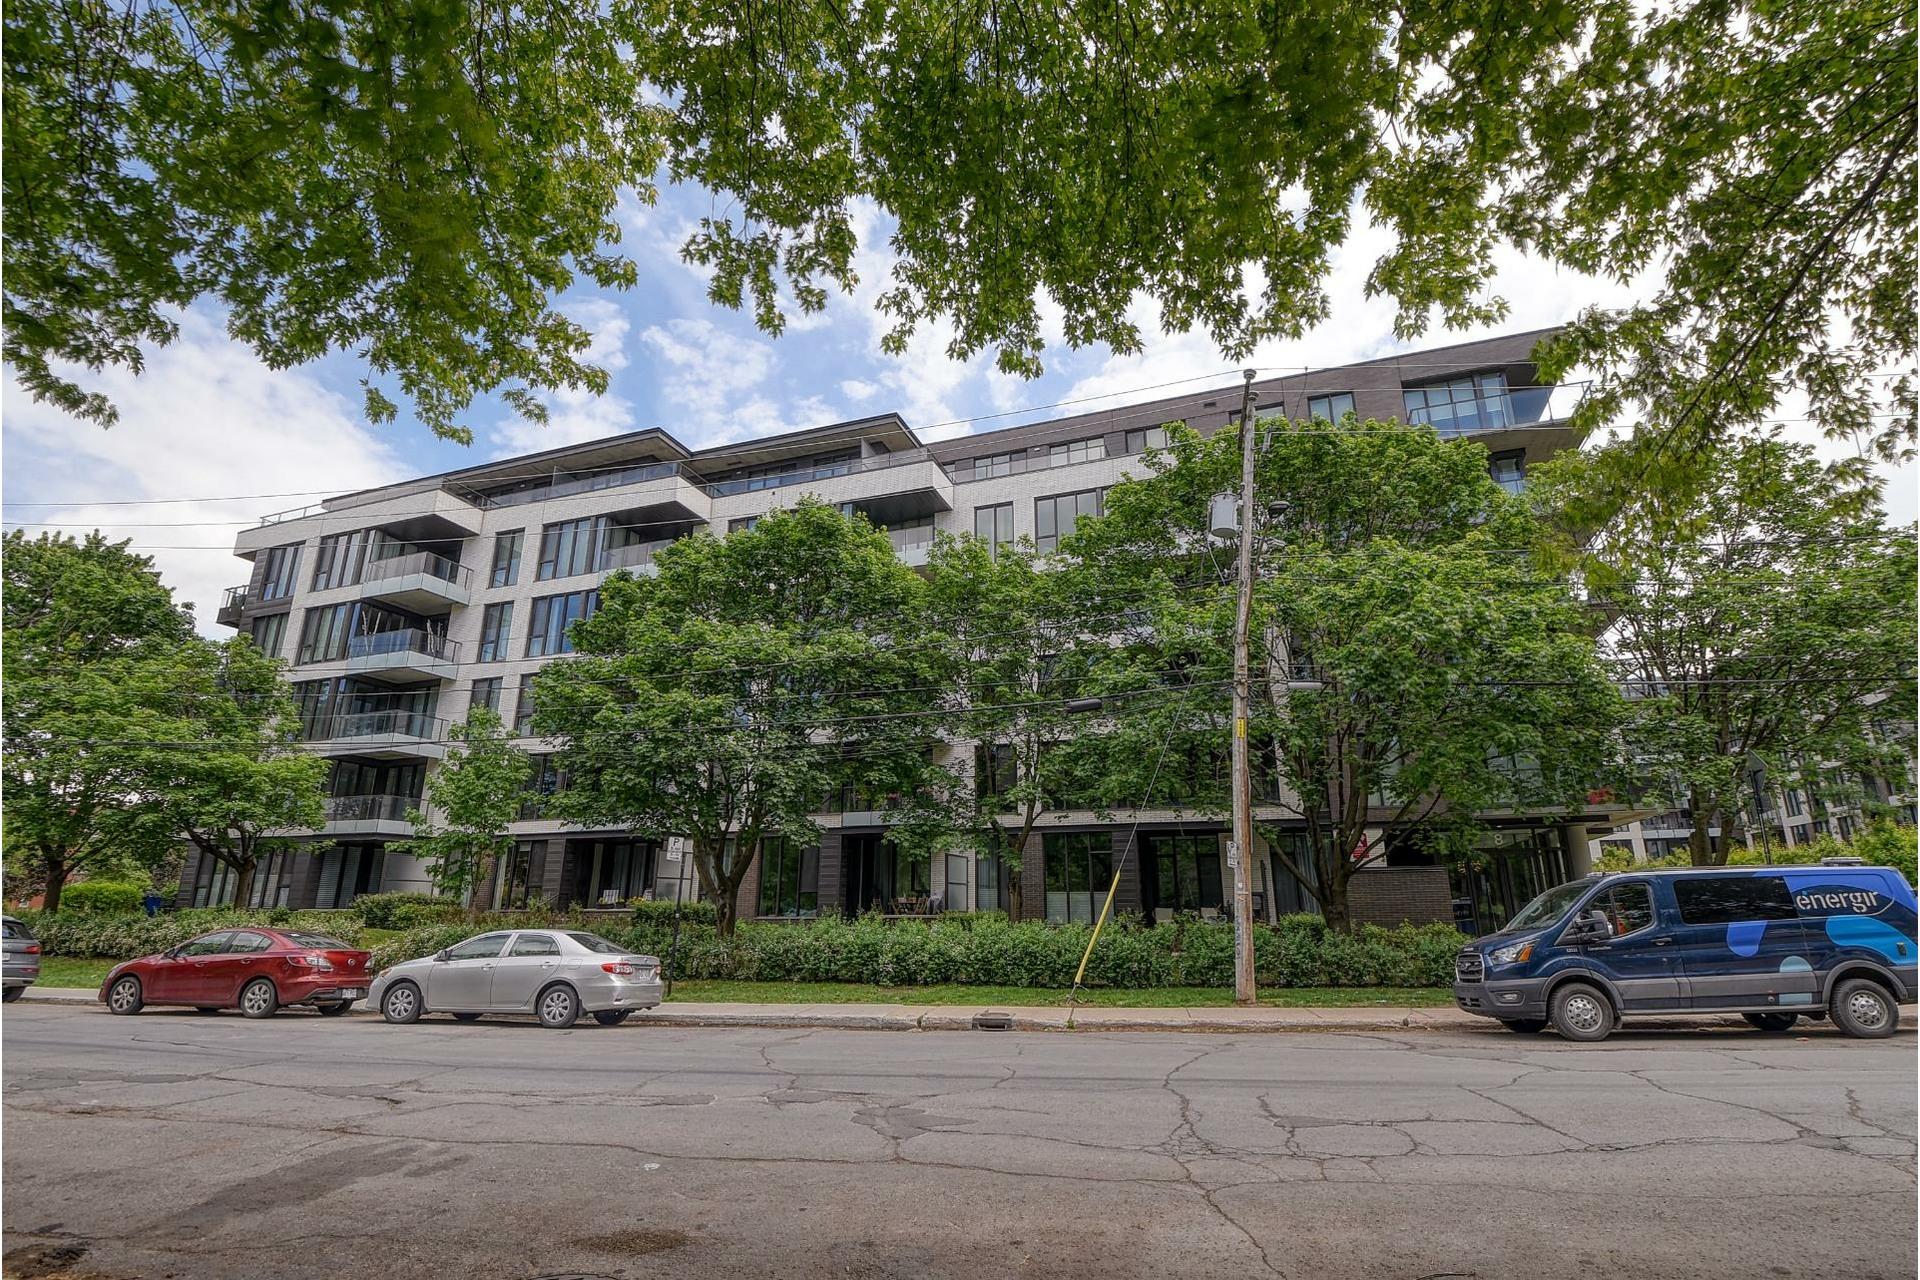 image 29 - Appartement À vendre Villeray/Saint-Michel/Parc-Extension Montréal  - 5 pièces